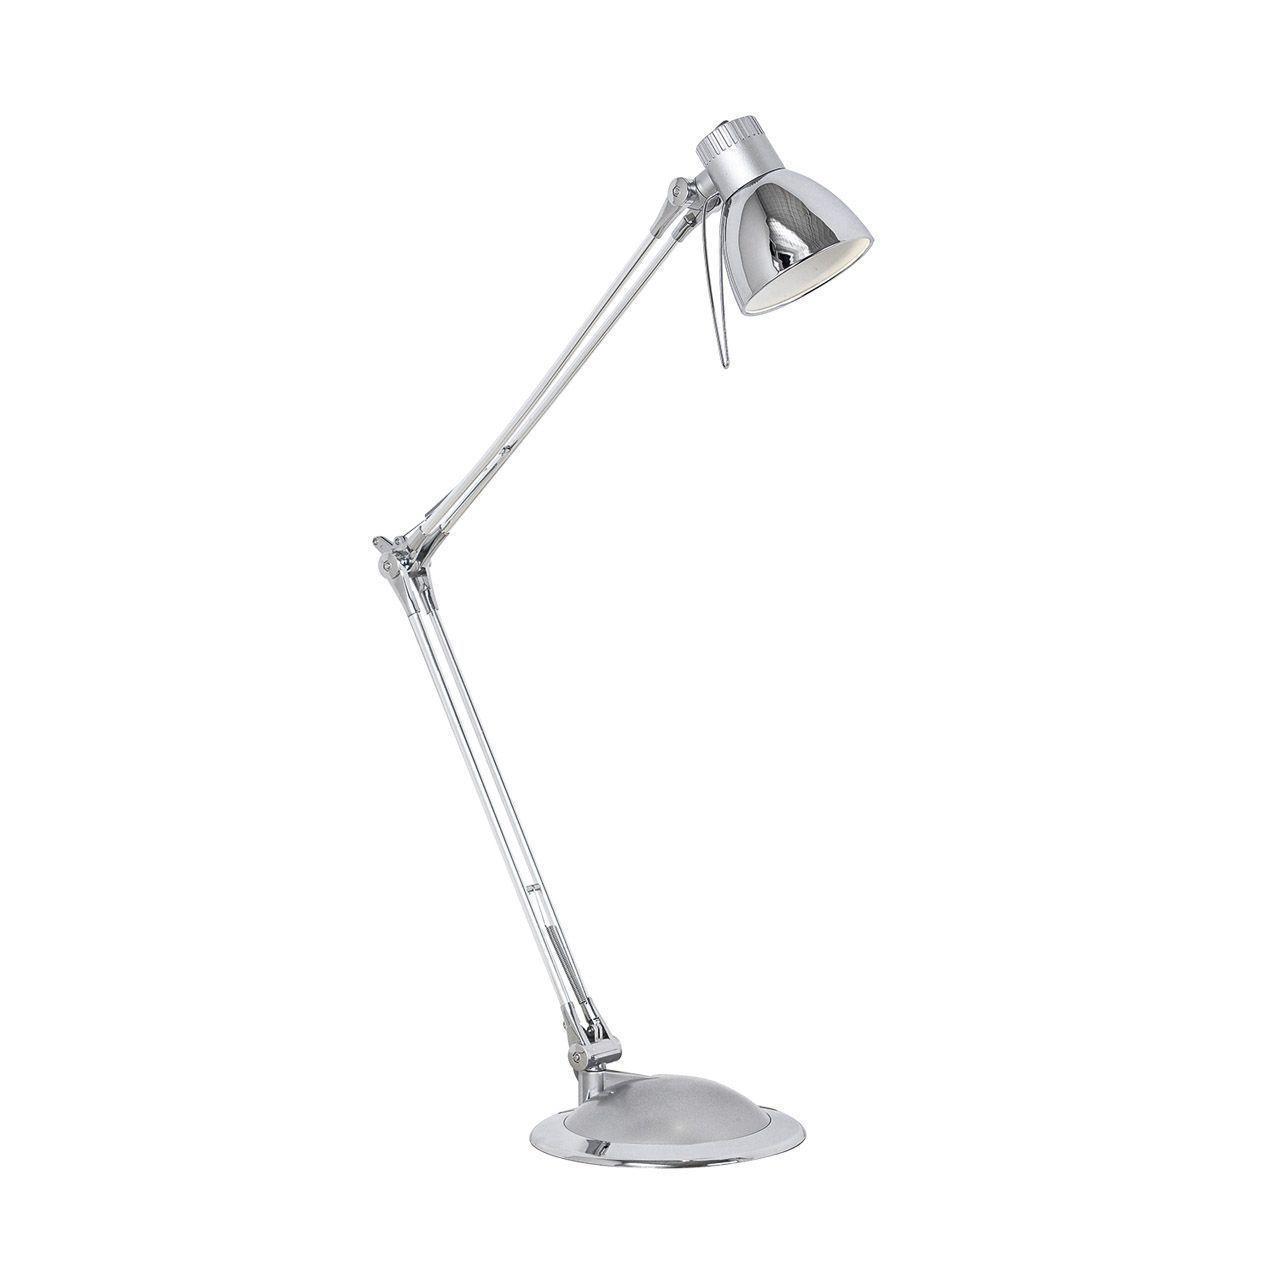 Настольная лампа Eglo Plano Led 95829 настольная лампа eglo leo led 95828